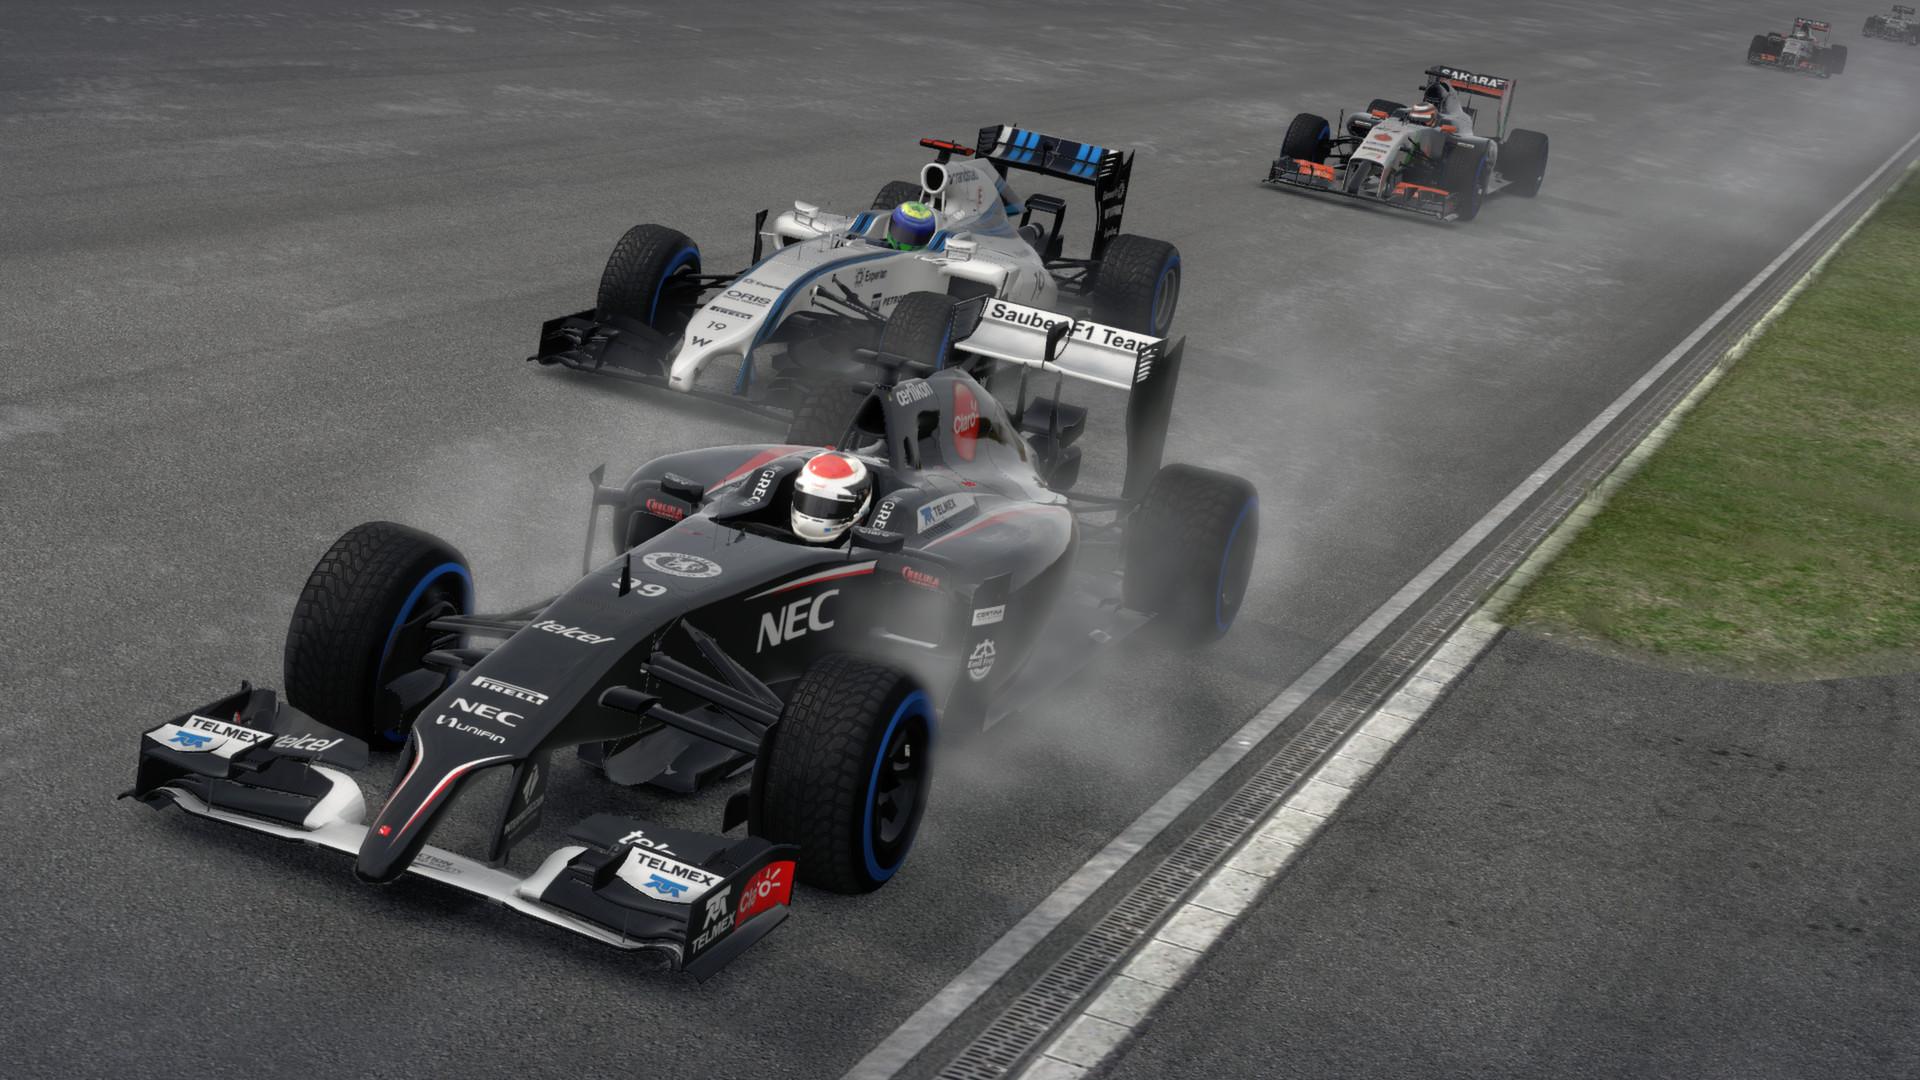 F1 2014 screenshot